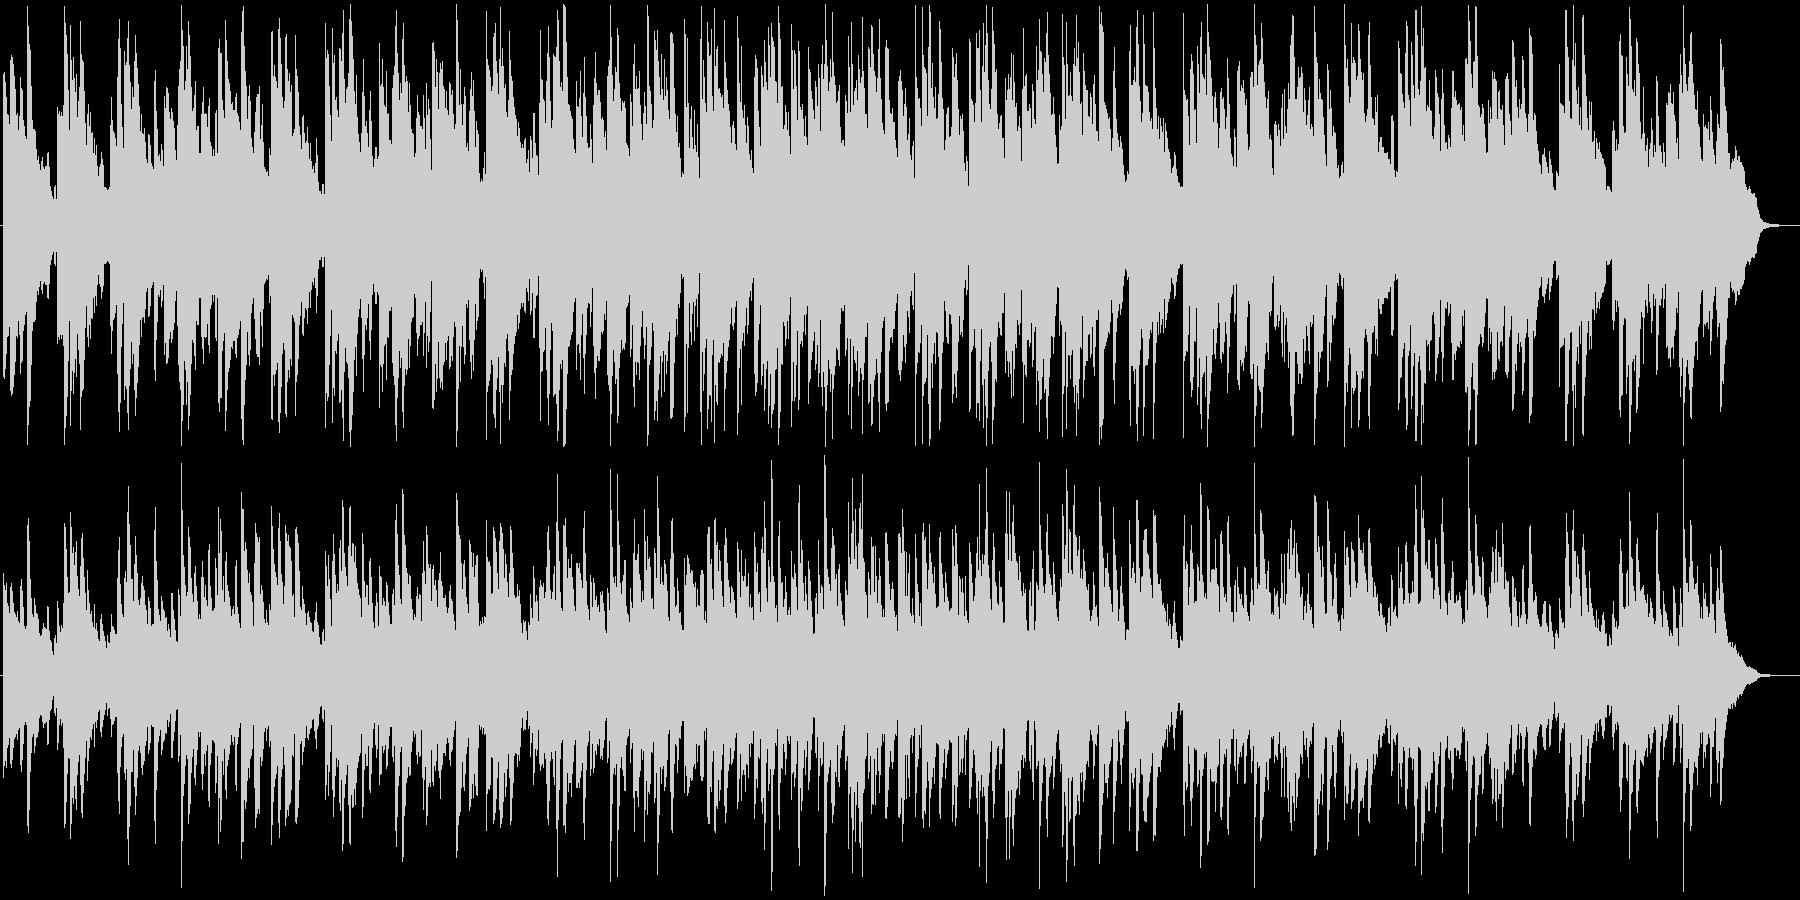 やさしい雰囲気のピアノ系バラードBGMの未再生の波形